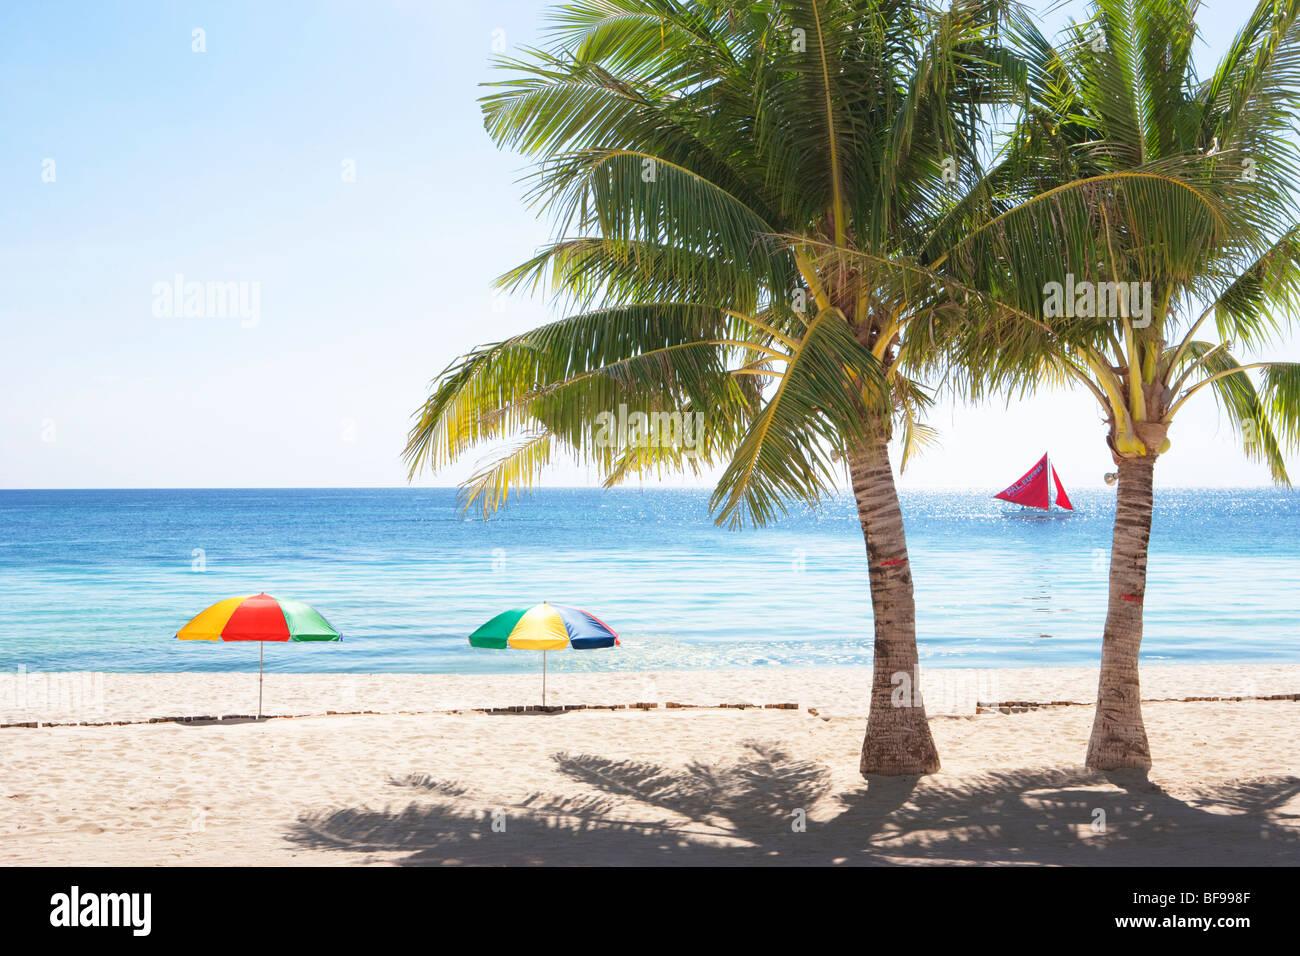 Strand, Palmen, Sonnenschirme, Meer, Sand und Segel Boot in Boracay; Die Visayas; Philippinen. Stockbild